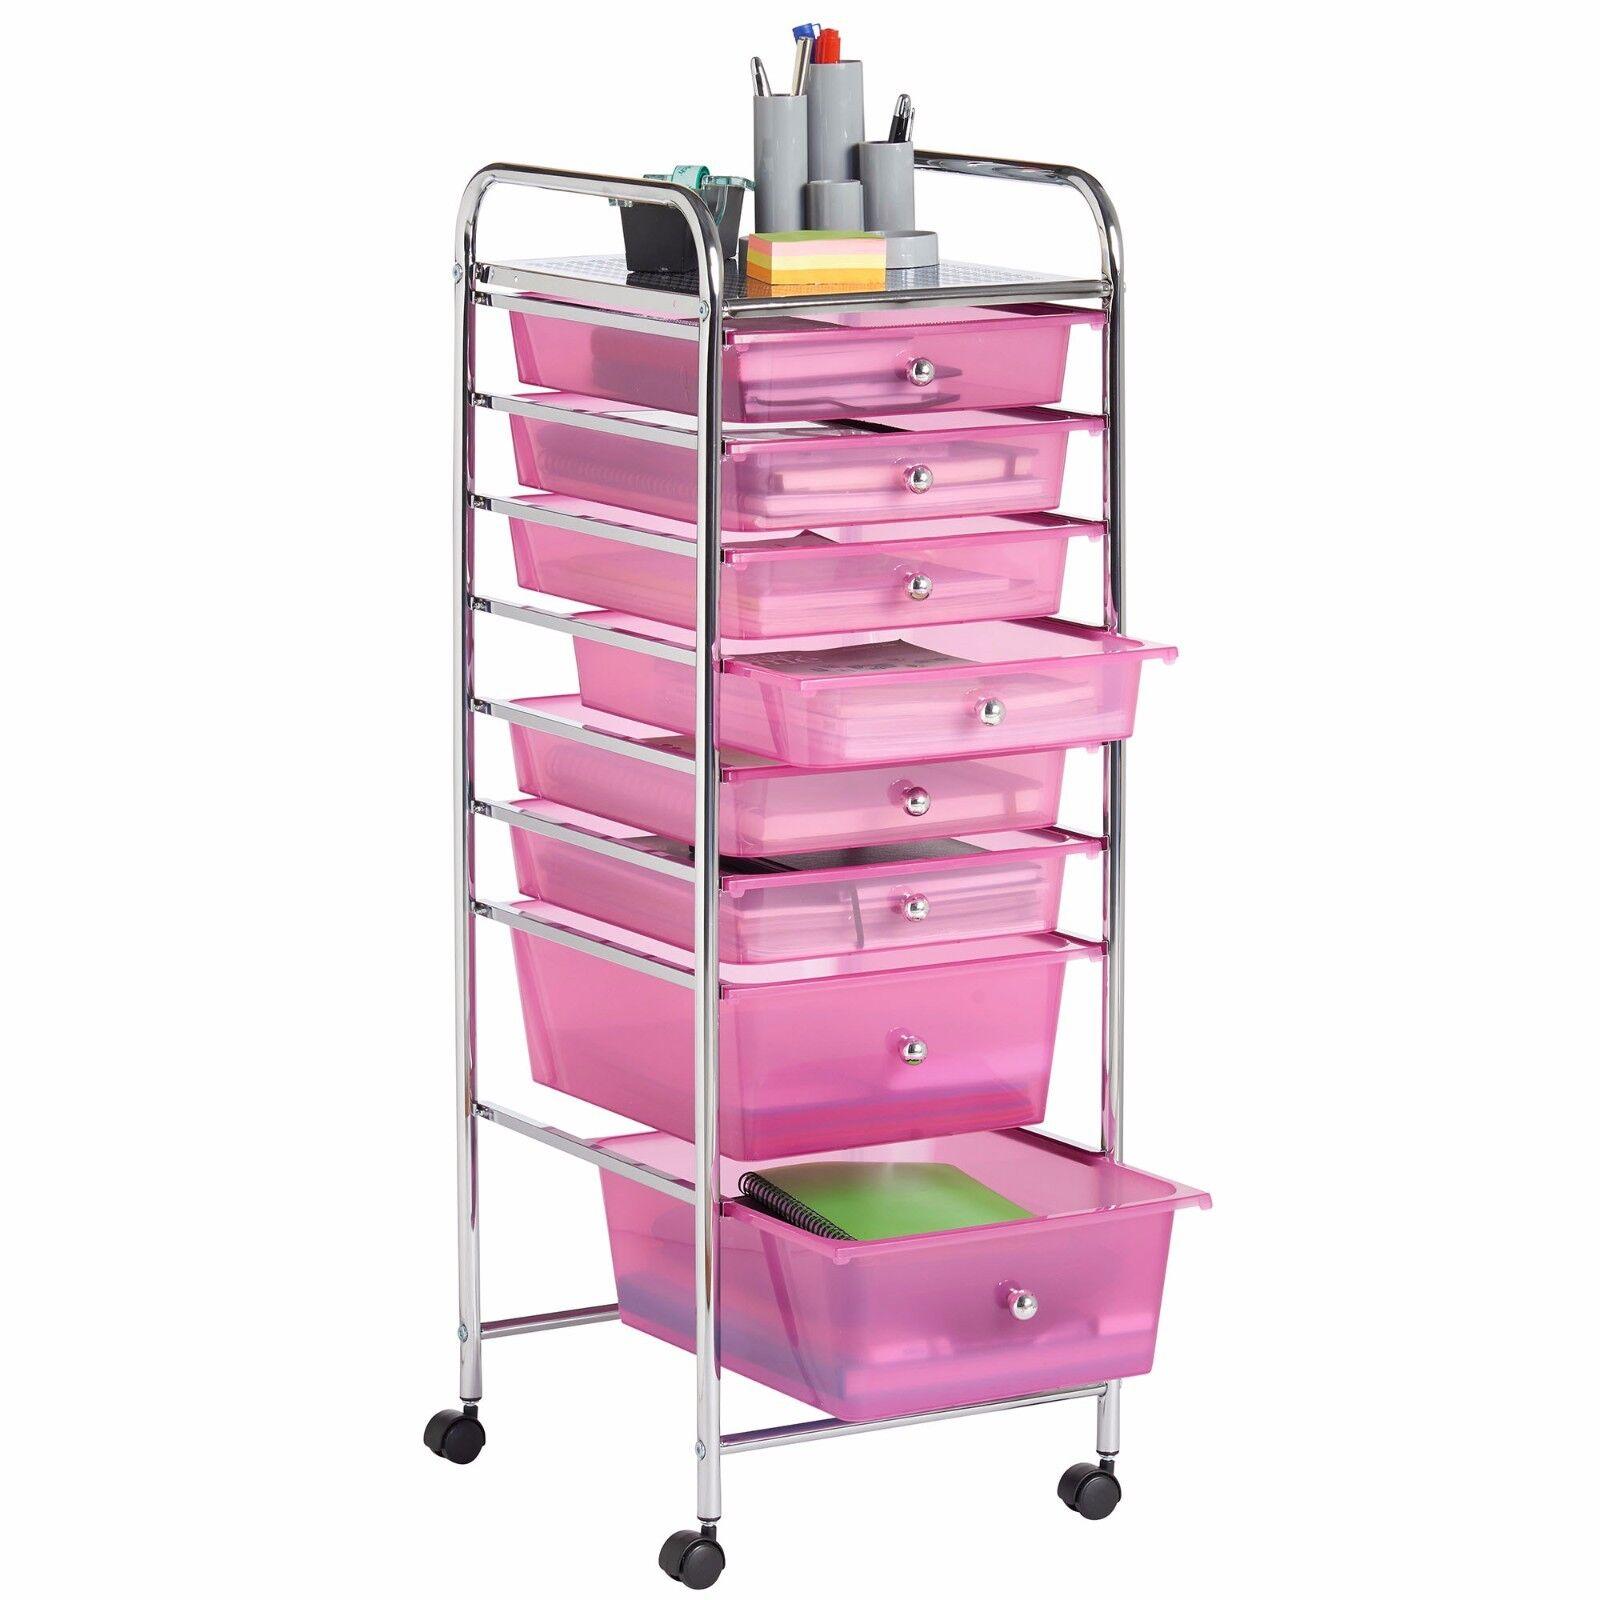 Uncategorized Pink Storage Cart vonhaus 8 drawer pink rolling trolley storage organizer utility picture 1 of 6